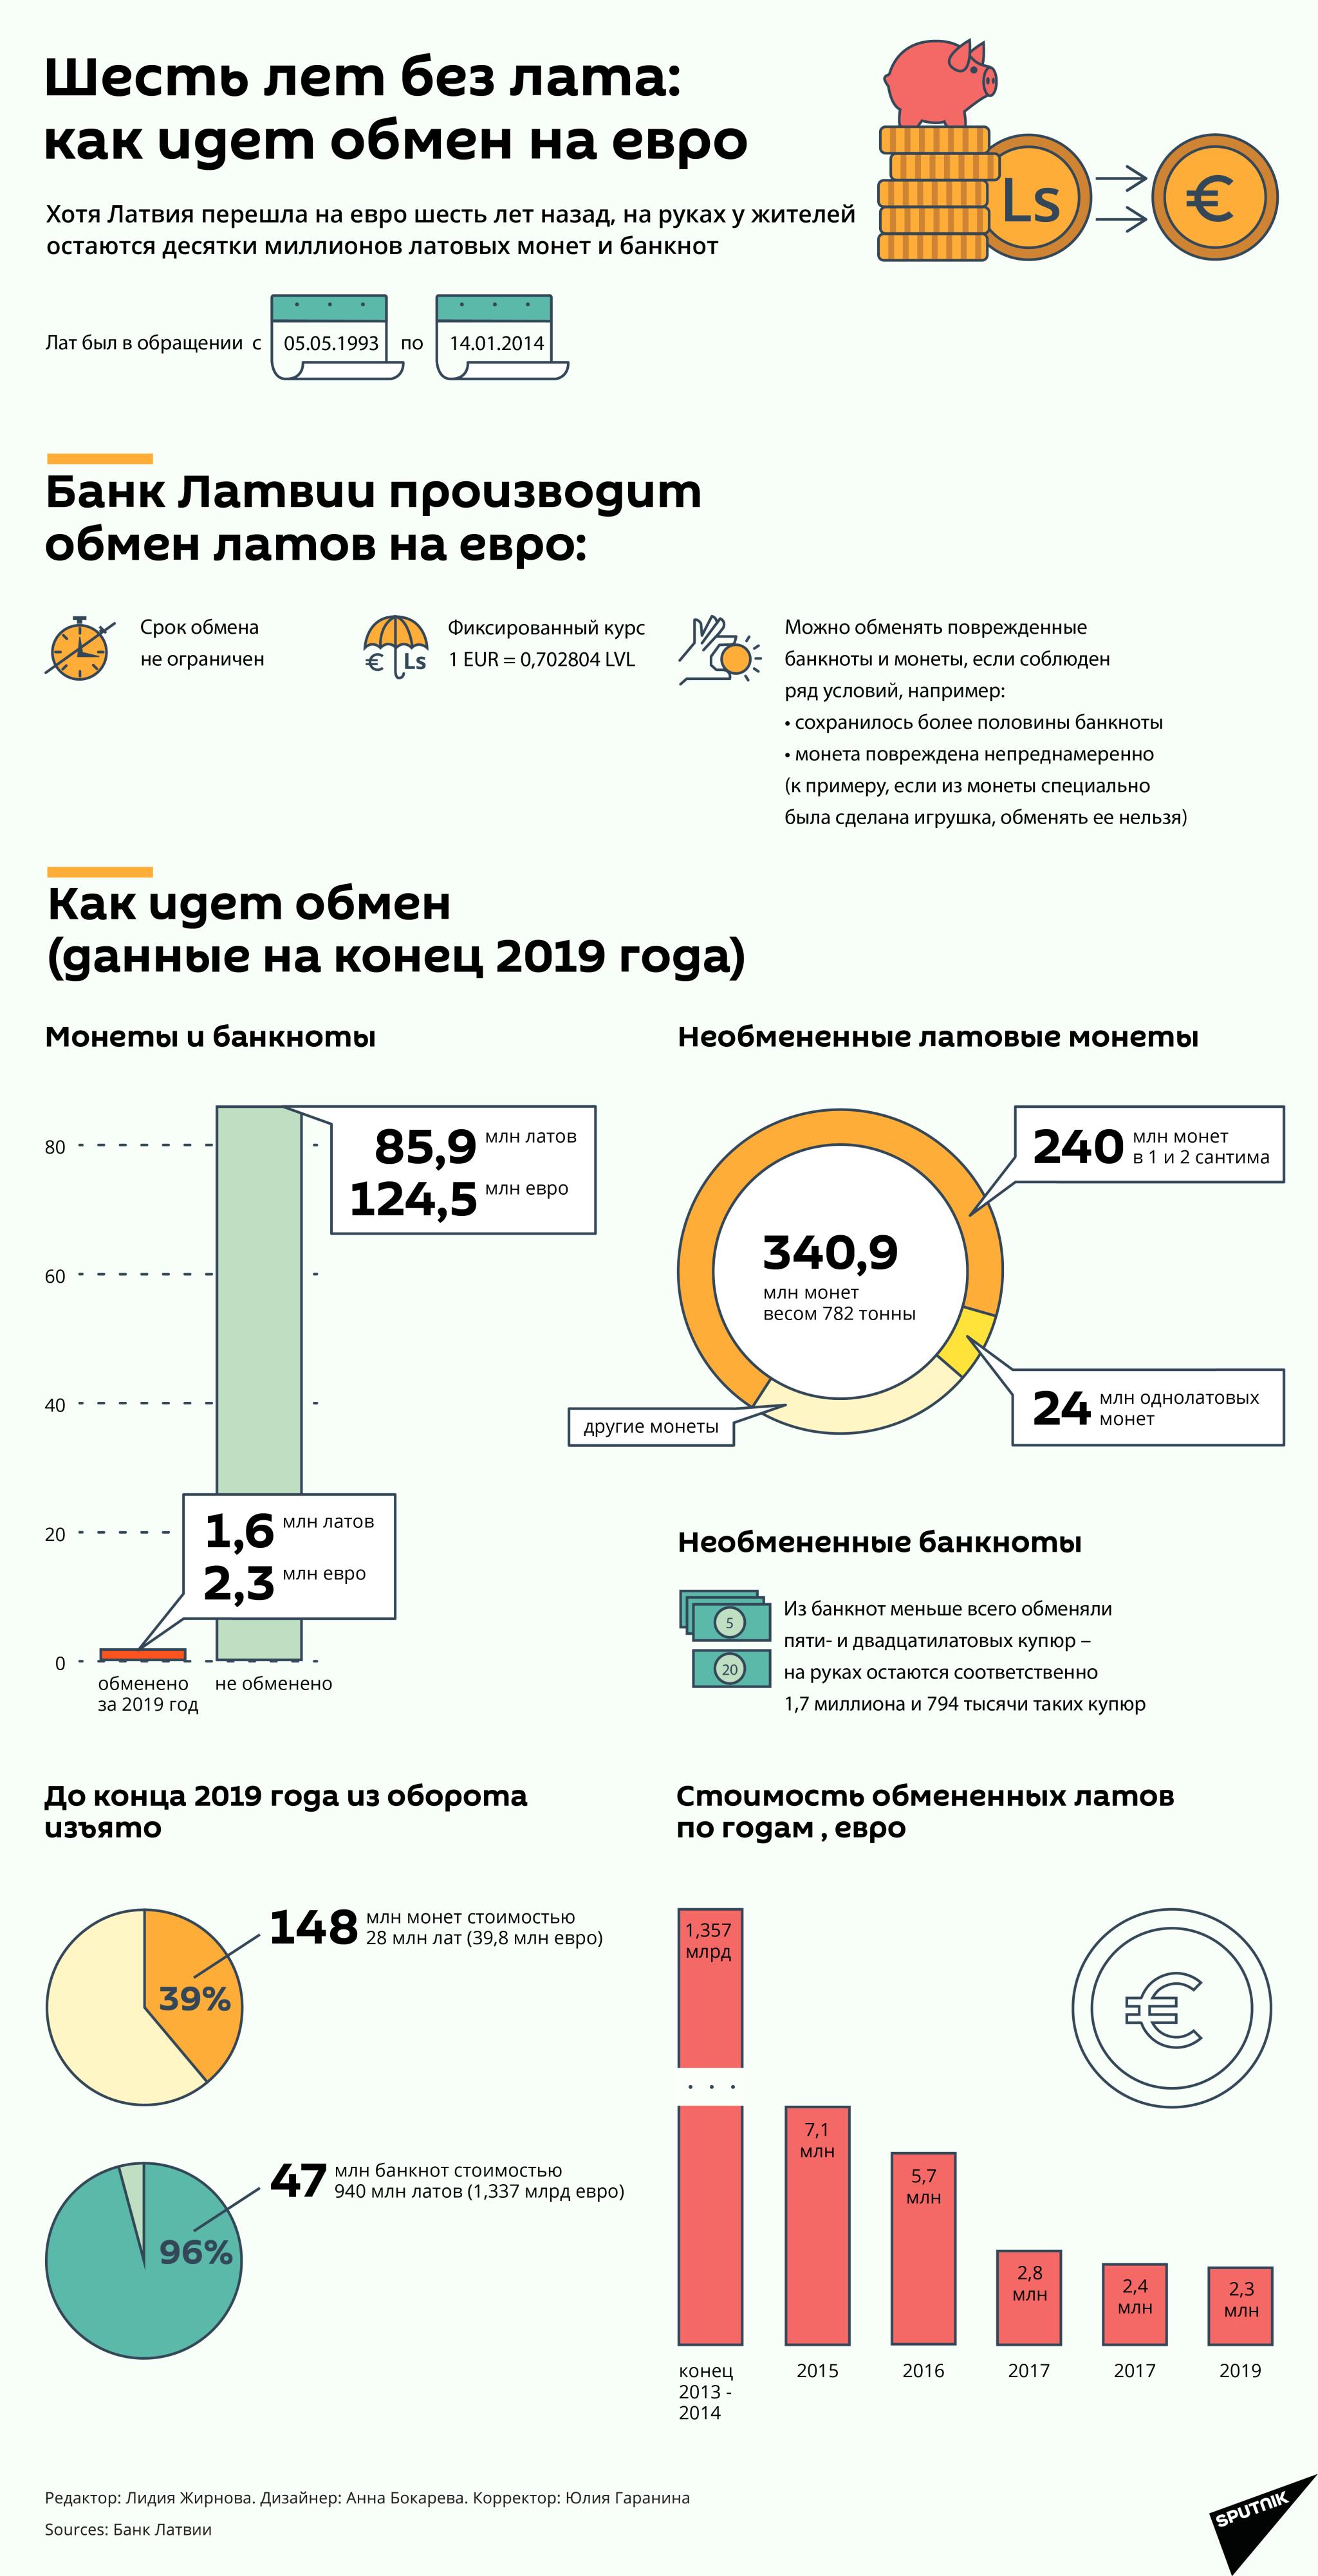 Шесть лет без лата: как идет обмен на евро - Sputnik Латвия